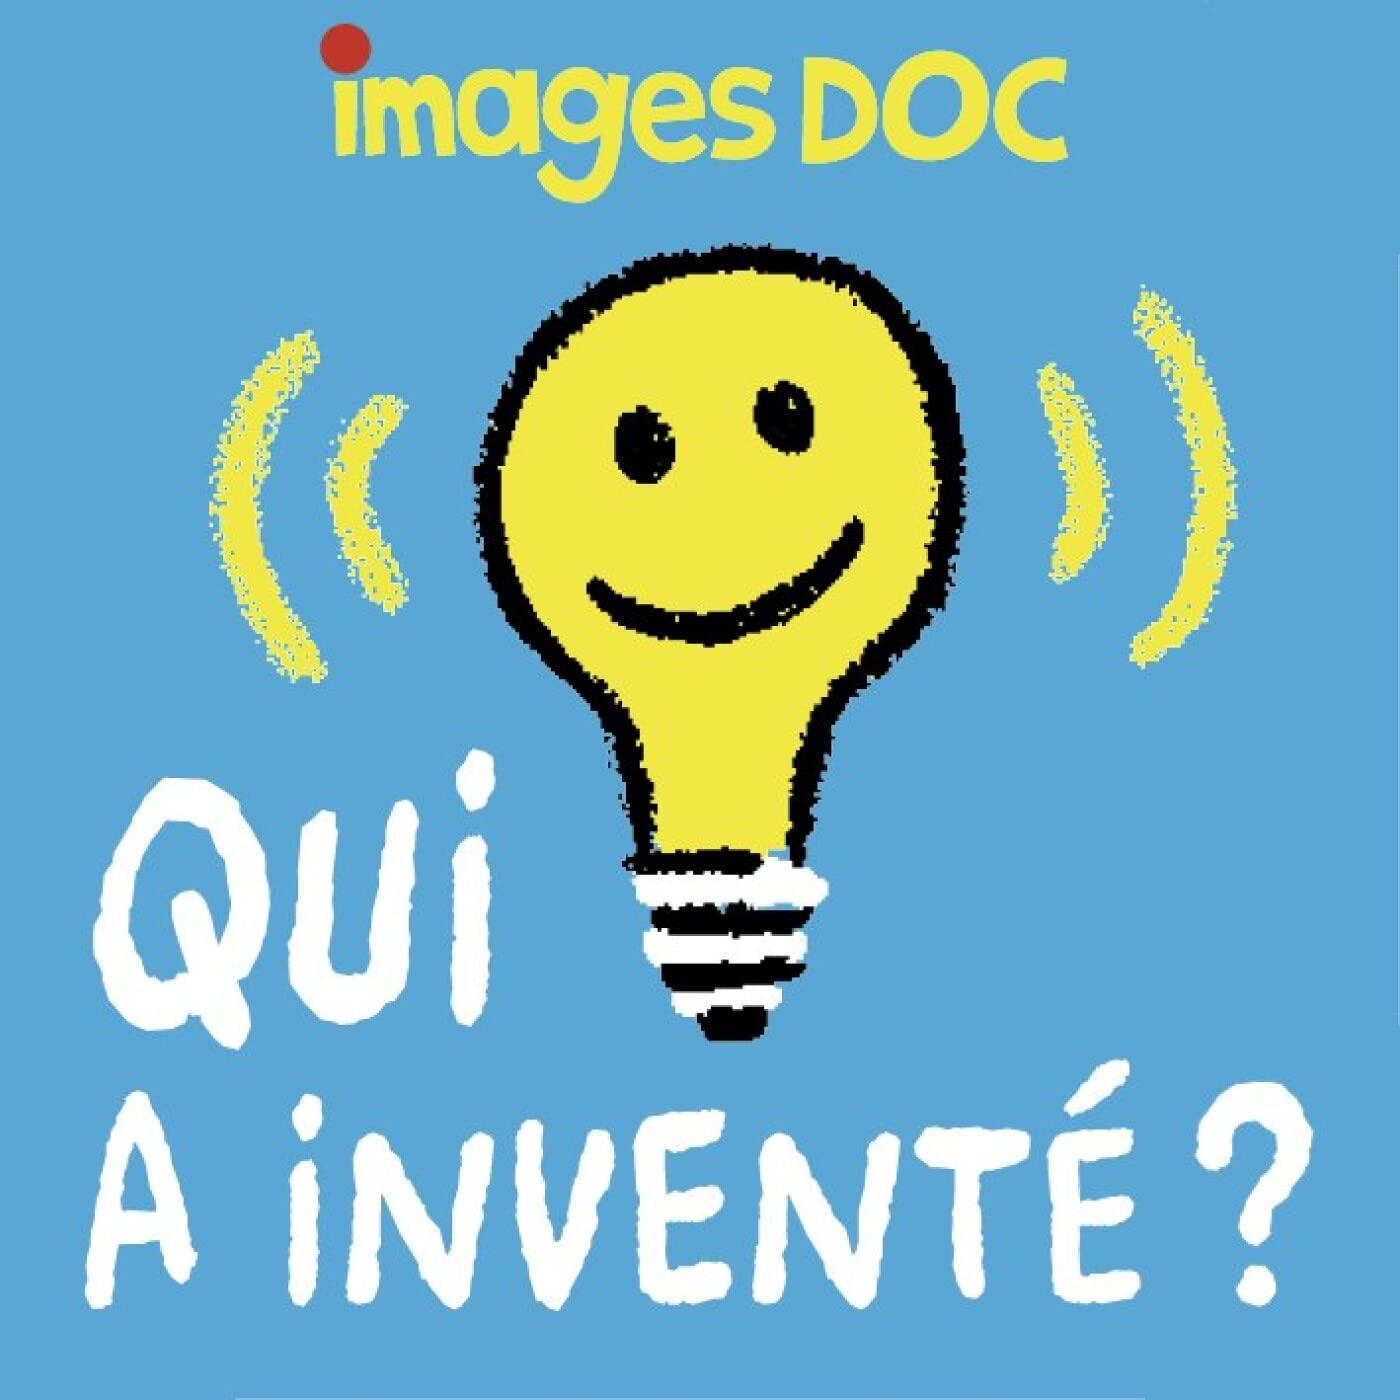 Qui a inventé ?